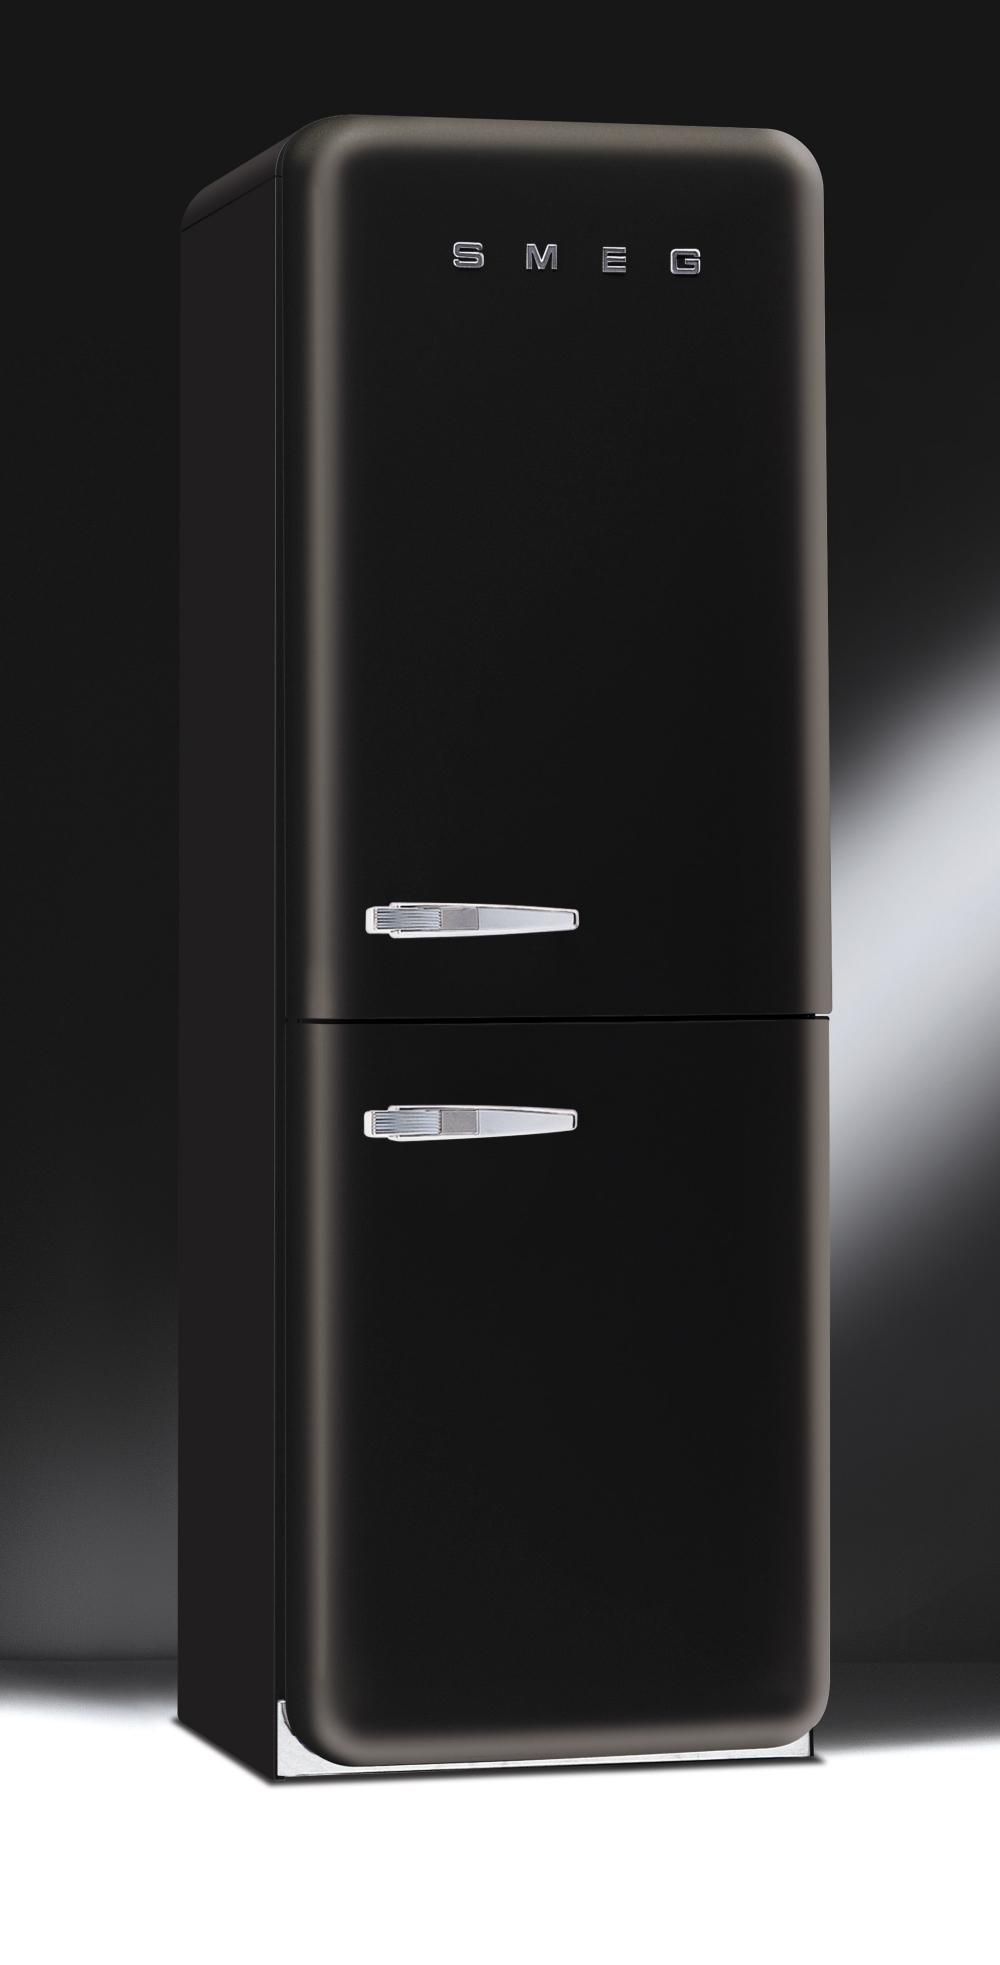 informationsseite h ttich smeg stil der 50 jahre retro. Black Bedroom Furniture Sets. Home Design Ideas